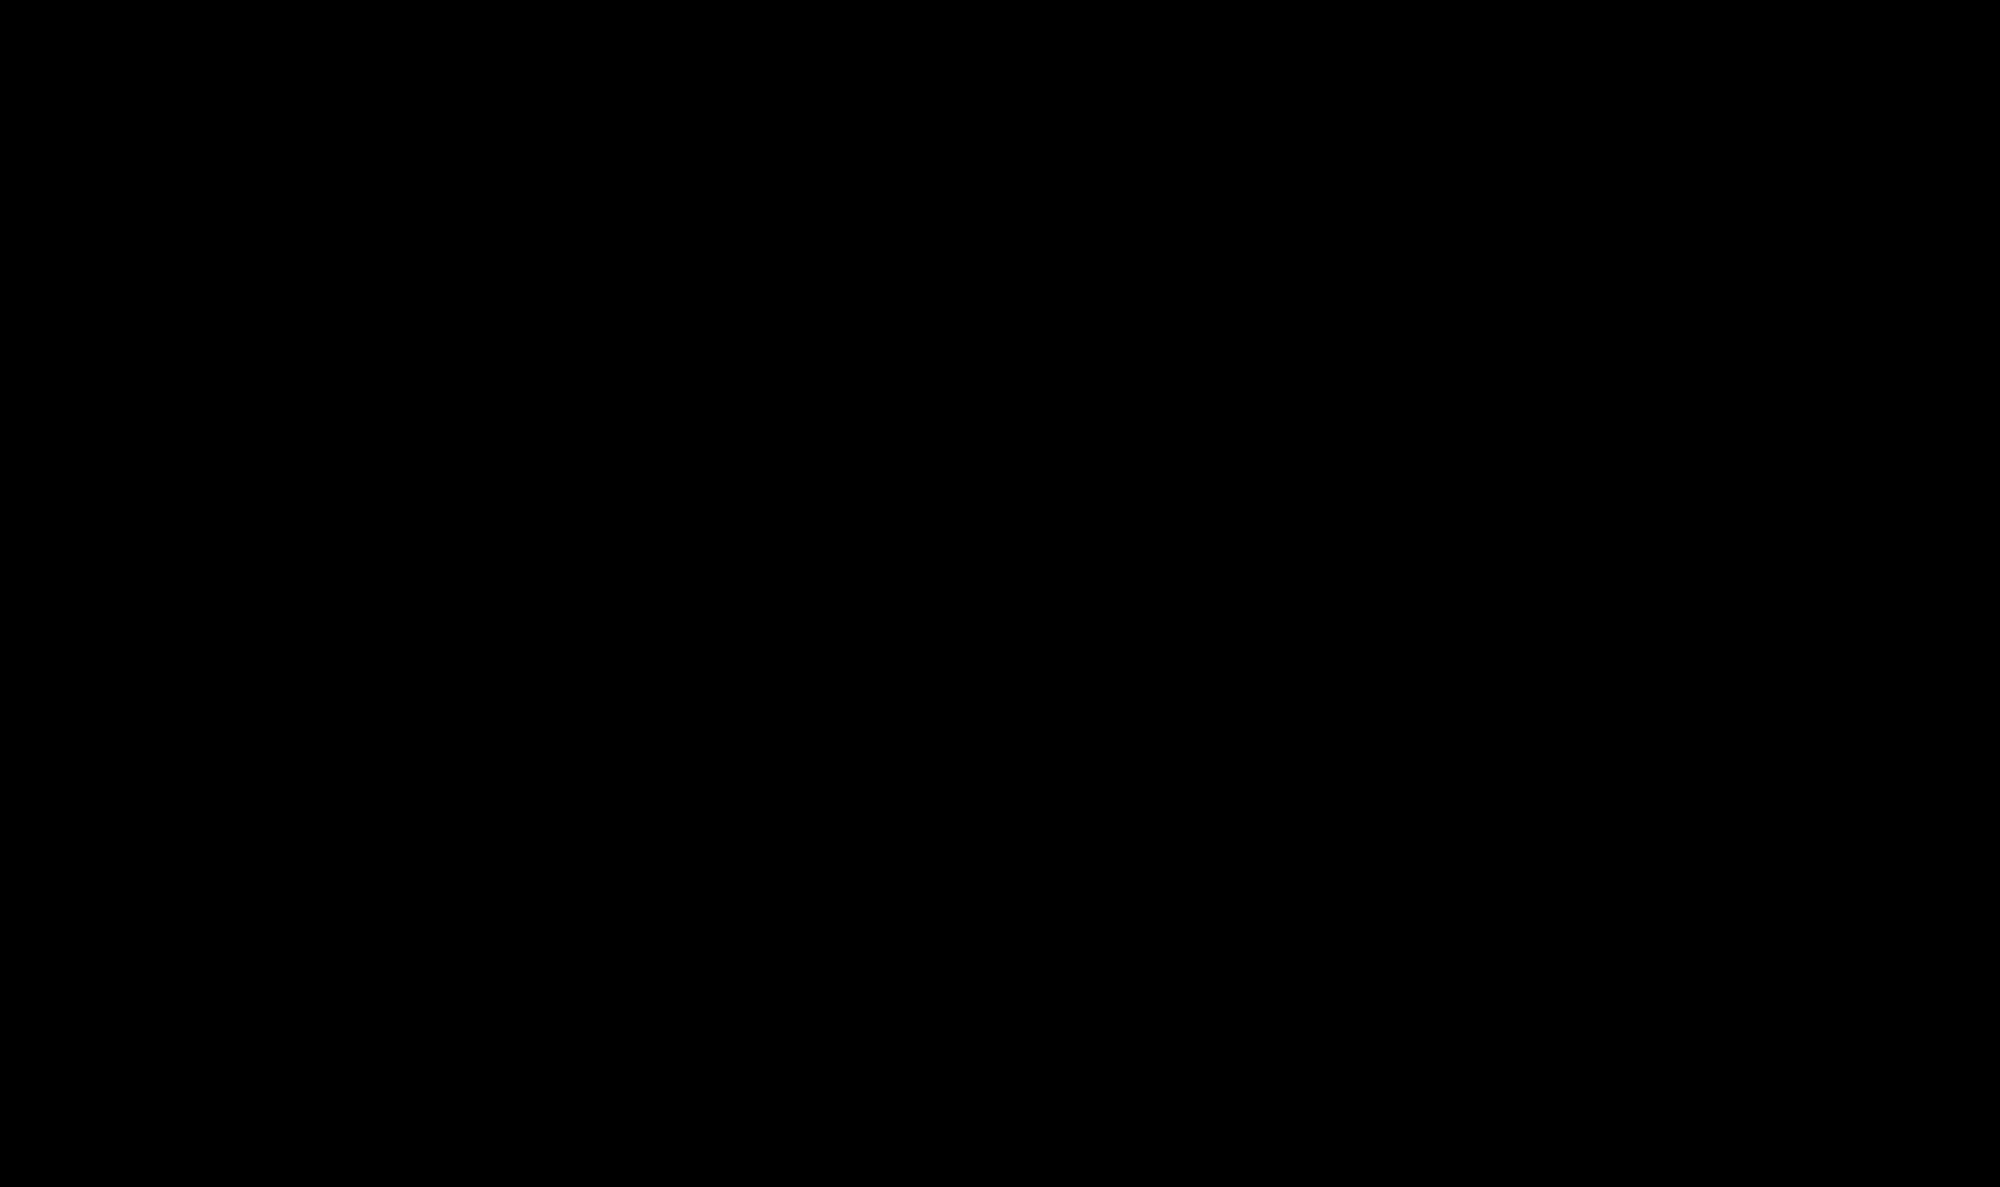 fhnw-logo